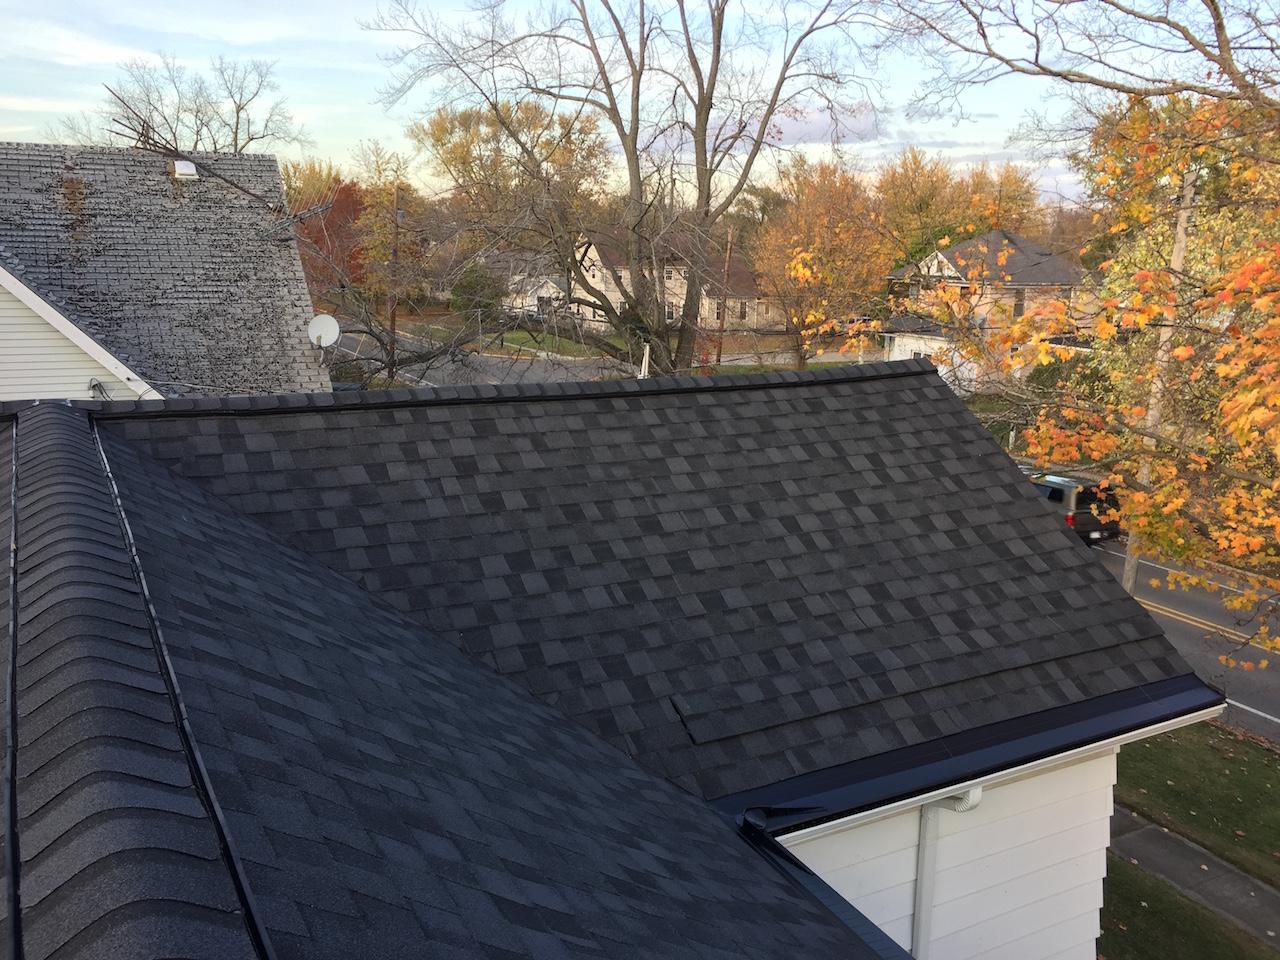 Three Oaks Roof Seamless Gutter Amp Gutter Topper Project